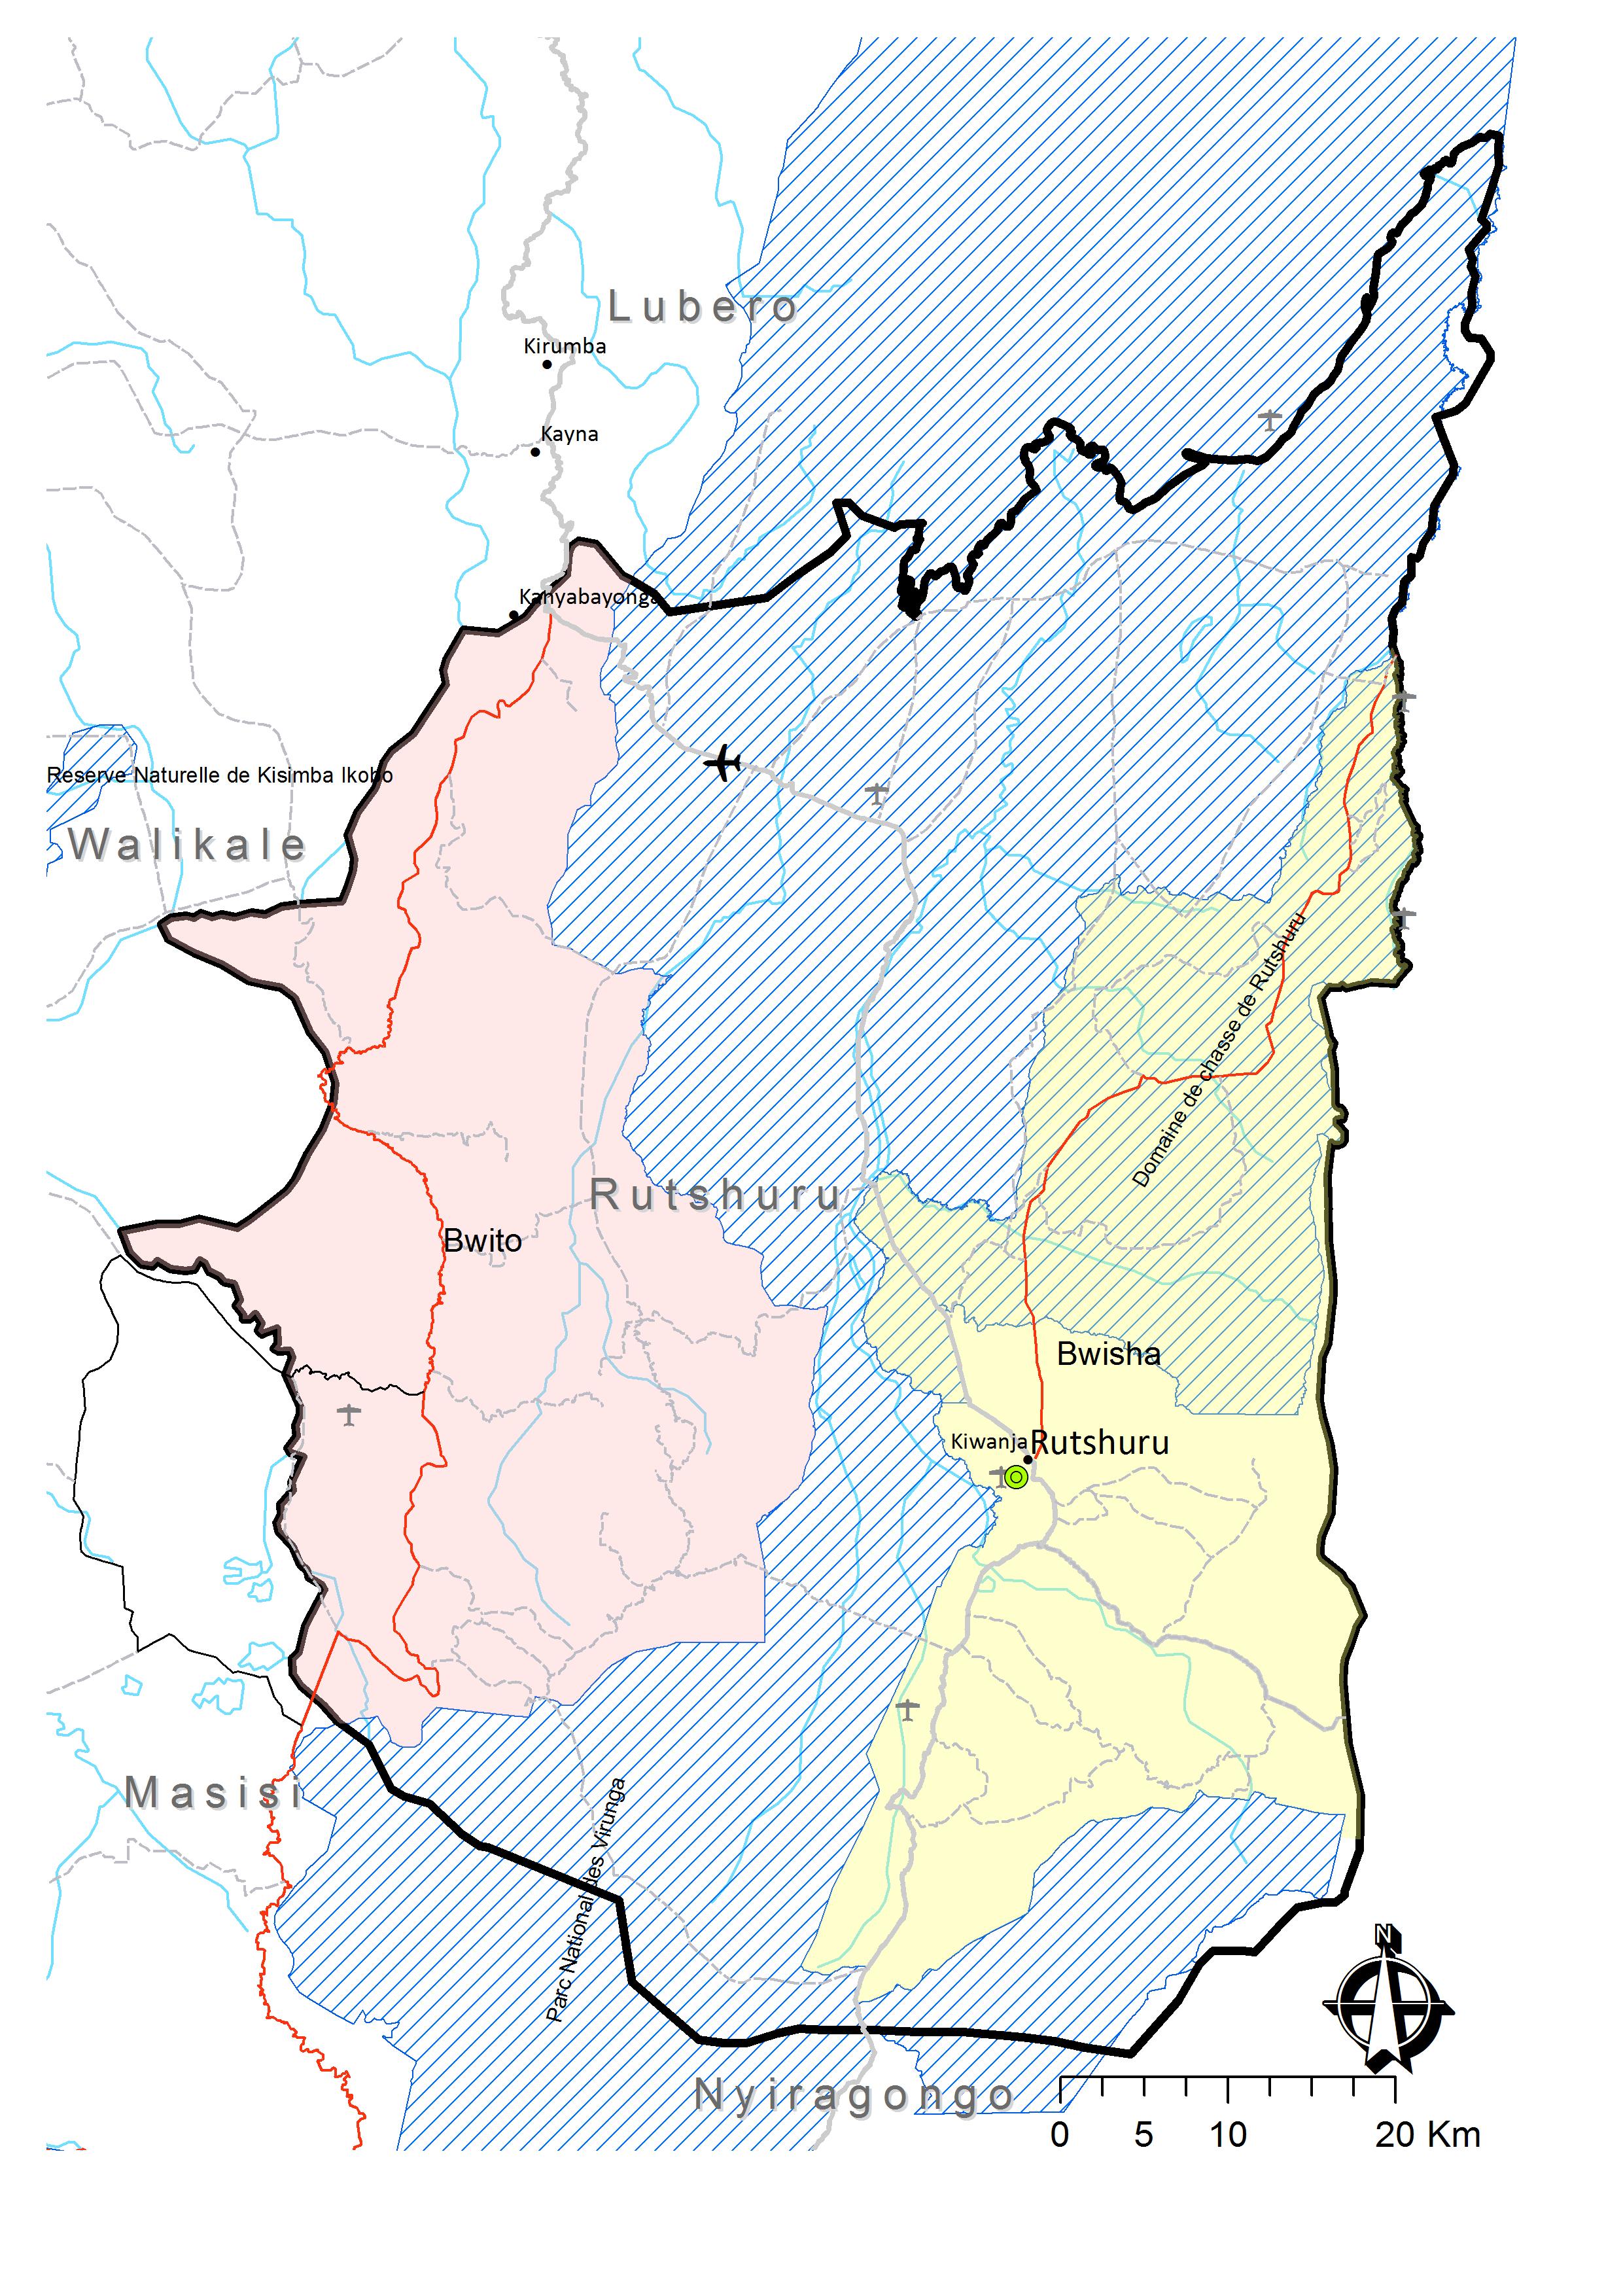 La Carte Hydrographique De La Rdc